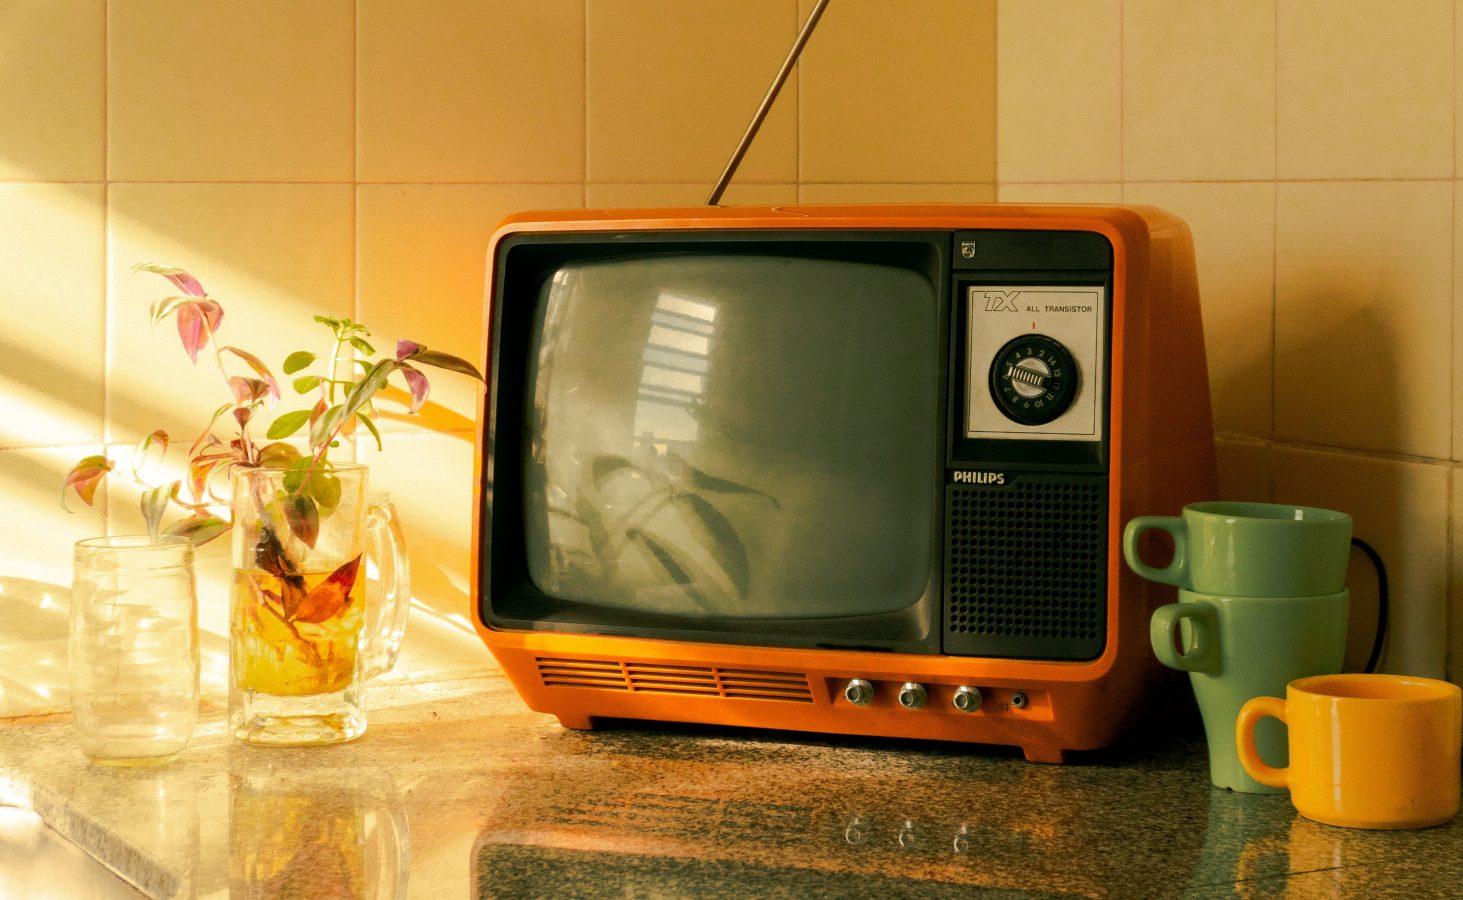 Pour mieux consommer l'électricité, il convient de maîtriser la consommation de ses appareils électro ménagers